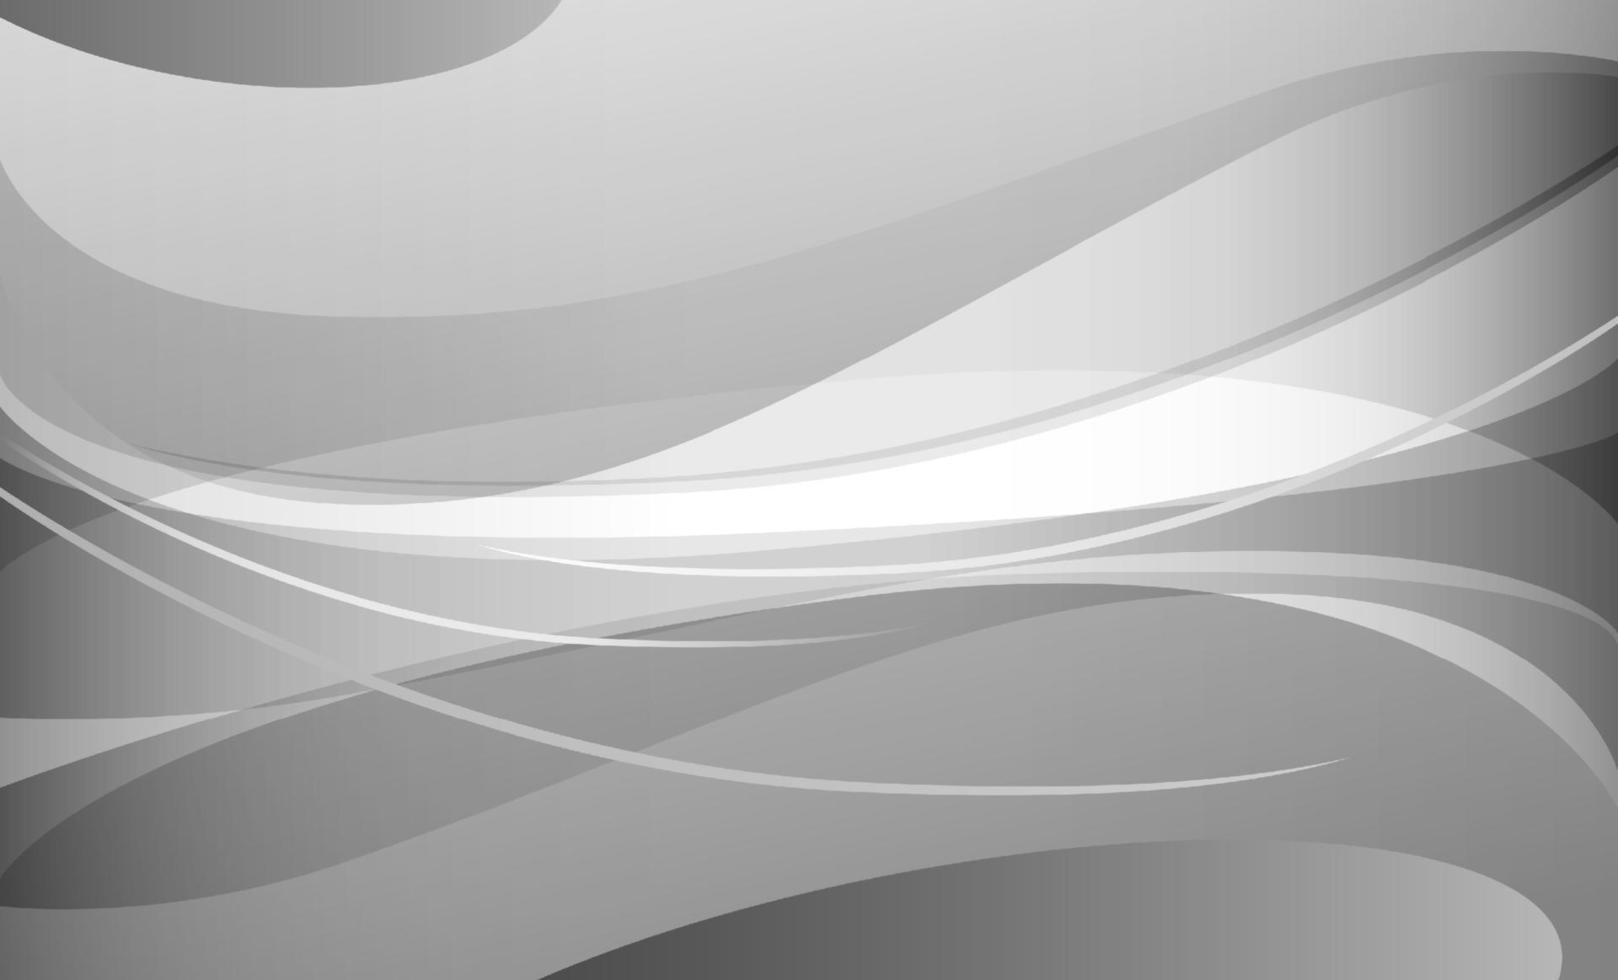 abstrakte weiße und graue Kurve Hintergrundvektorillustration vektor